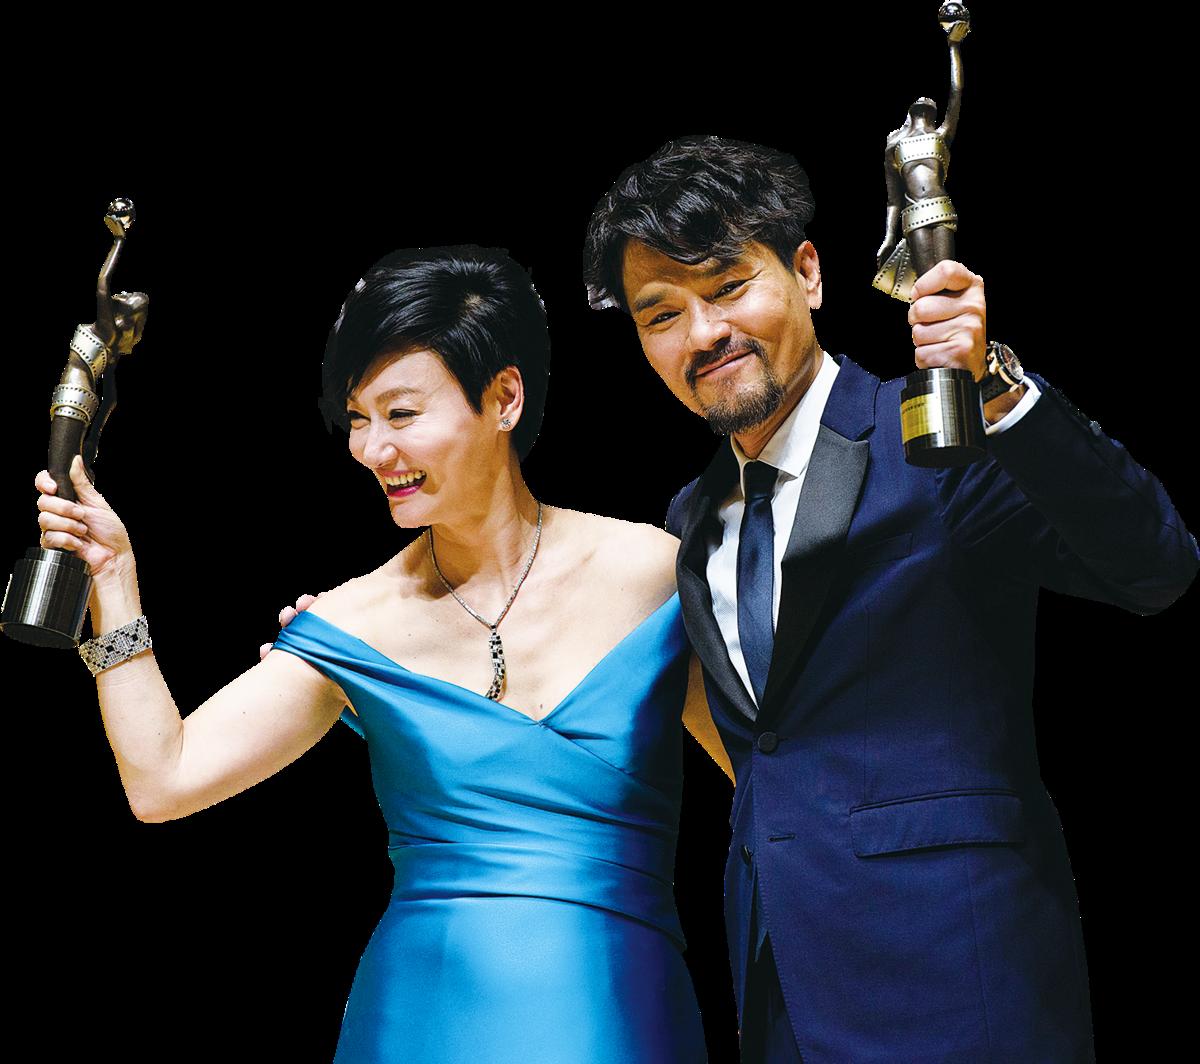 林家棟(右)與惠英紅(左)分別獲得最佳男、女主角獎。(ANTHONY WALLACE/AFP/Getty Images)